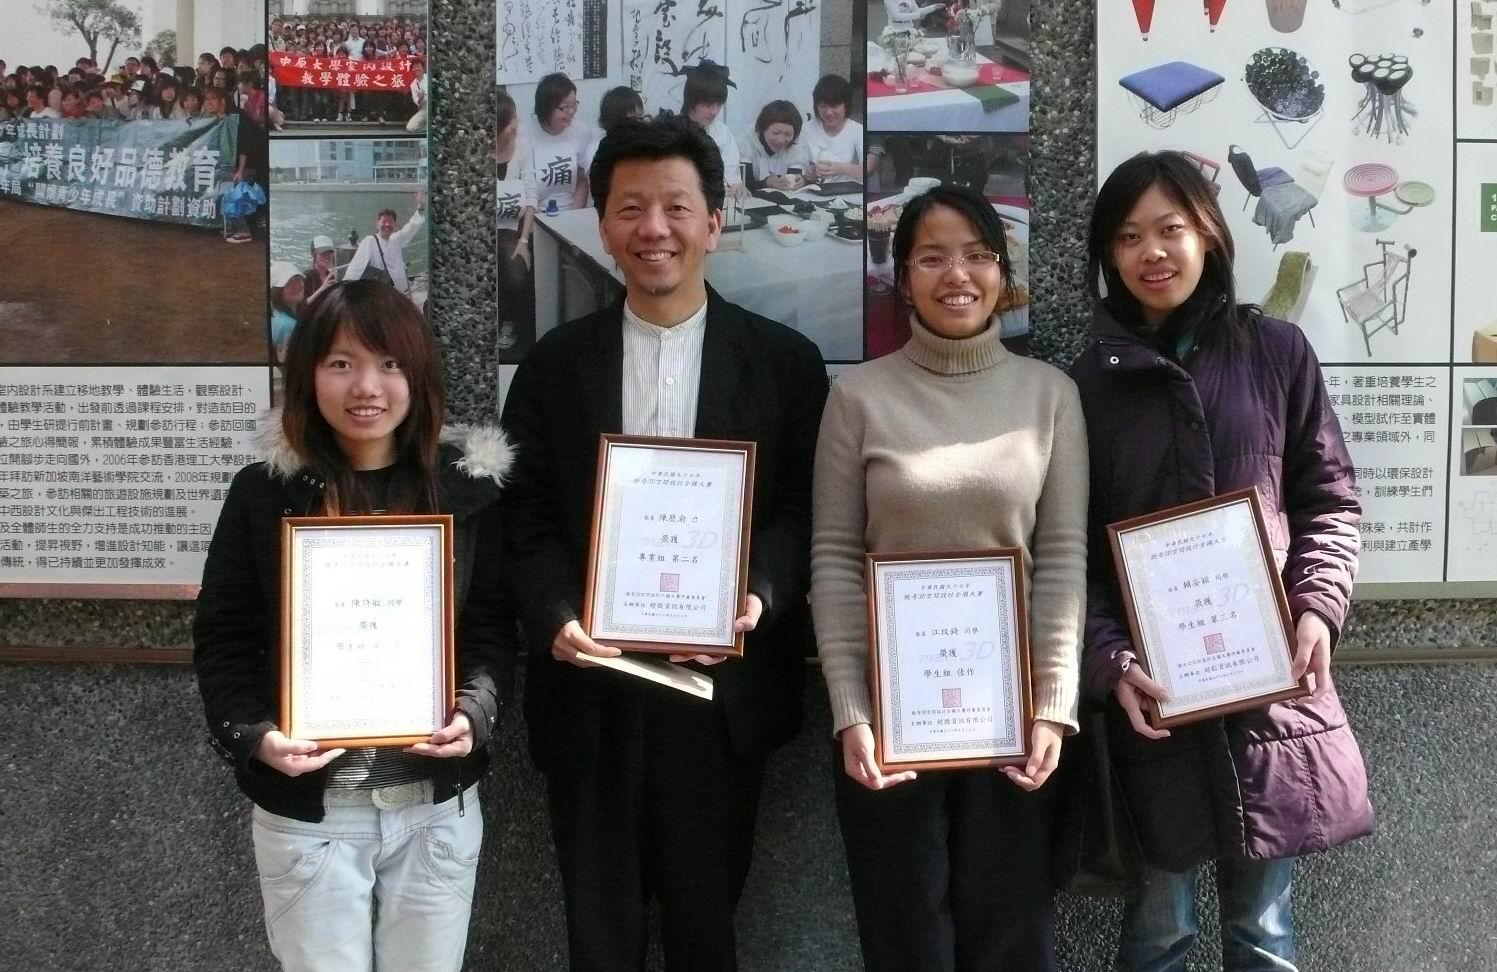 全國微奇3D空間設計大賽 室設系師生榮獲多項大獎